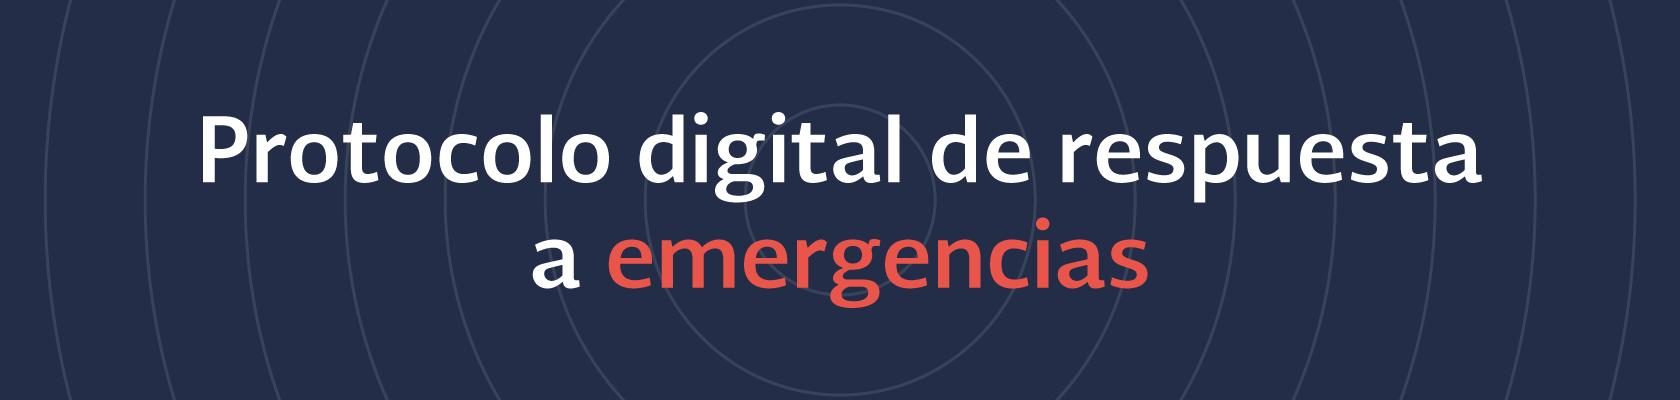 Protocolo digital de respuesta a emergencias